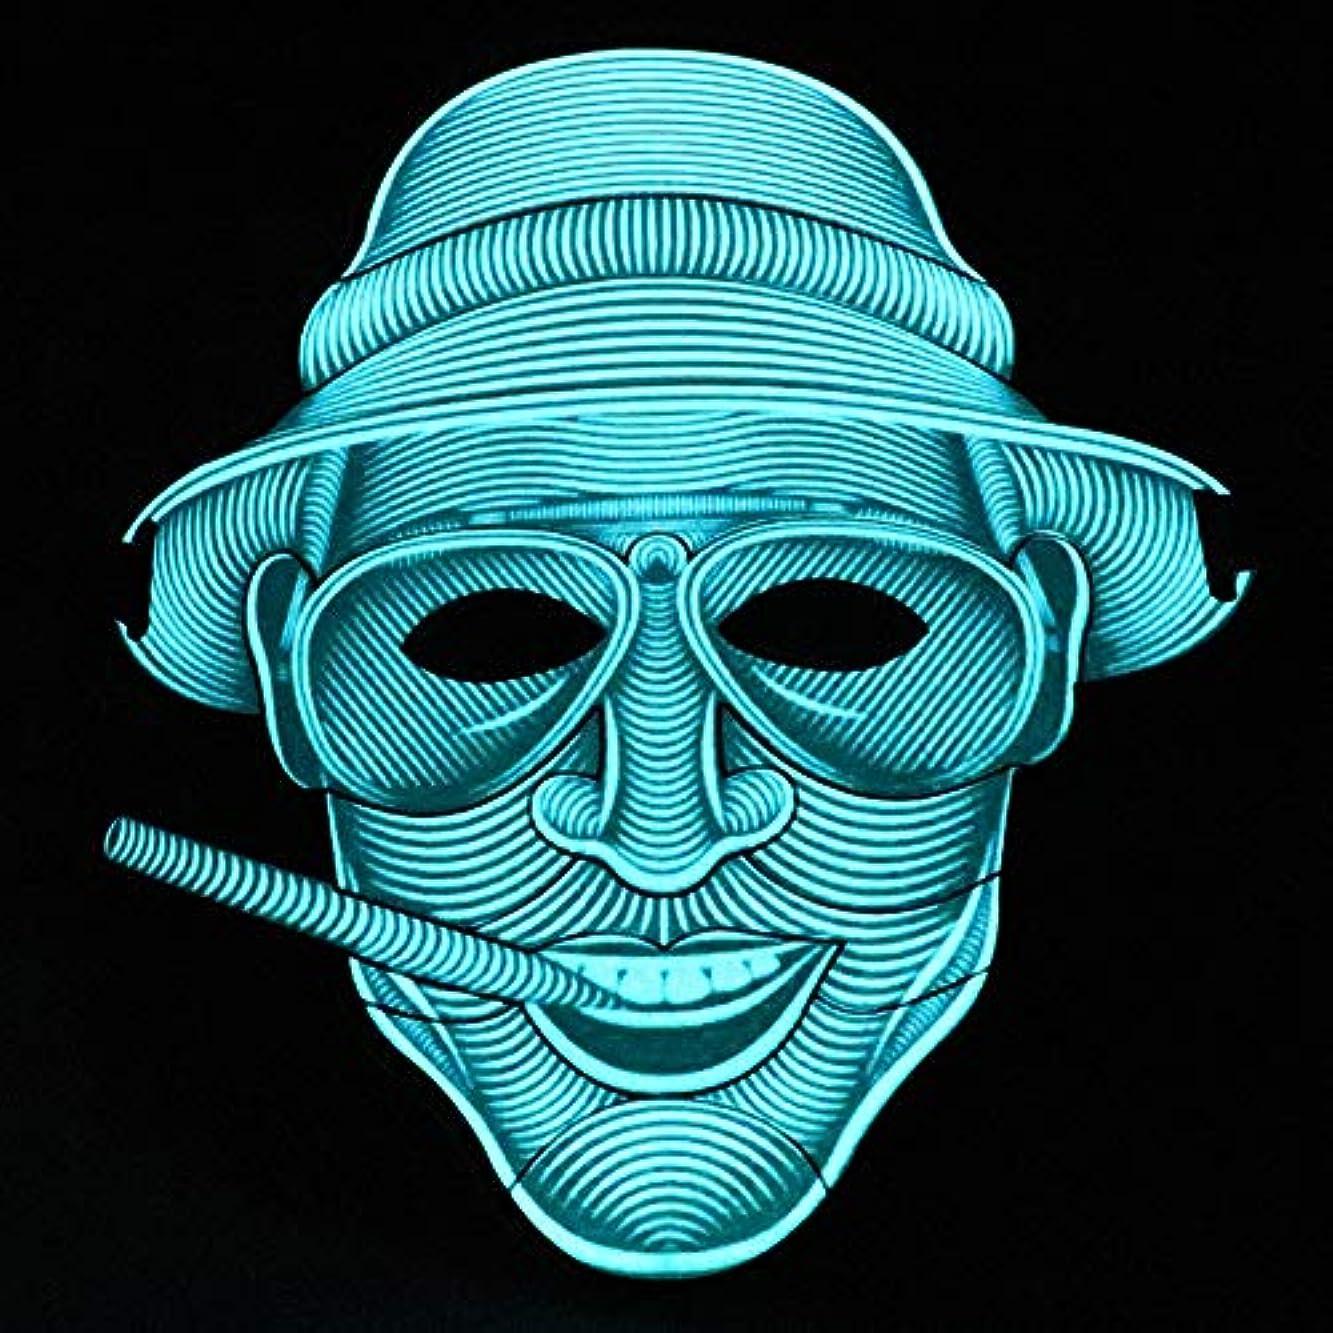 生産性幸運なアリス照らされたマスクLED創造的な冷光音響制御マスクハロウィンバーフェスティバルダンスマスク (Color : #11)